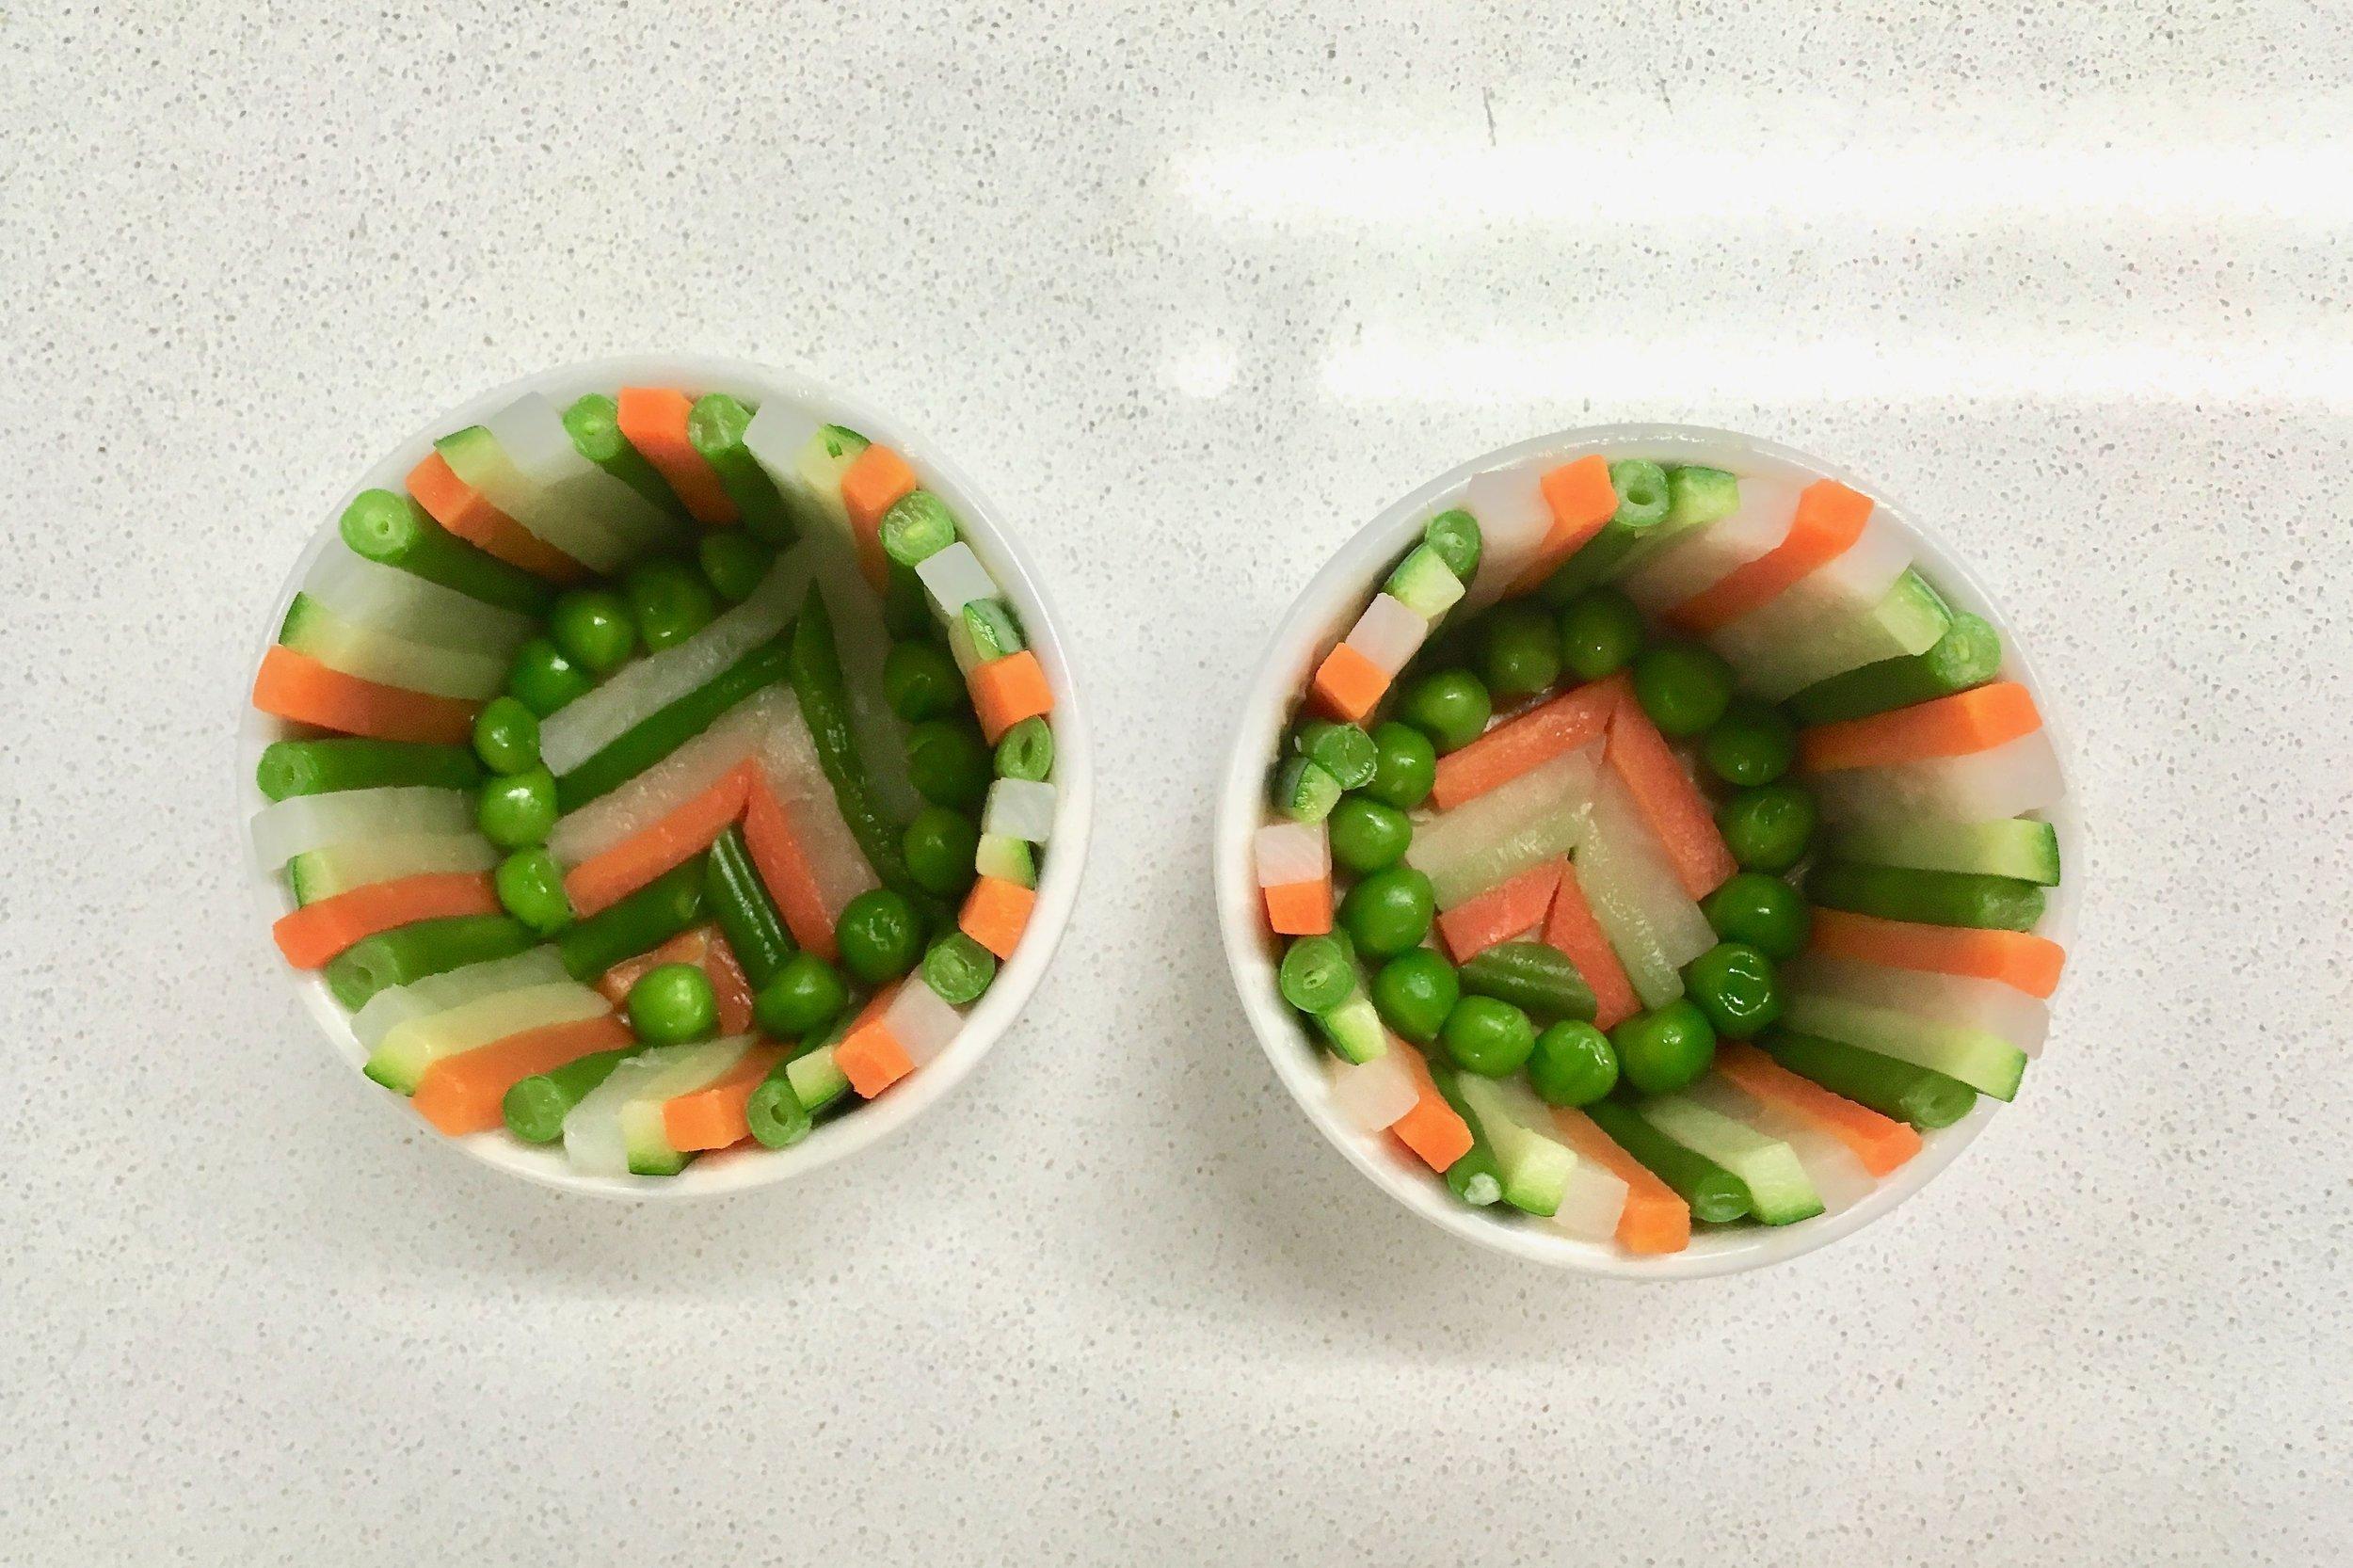 Ornate vegetable arrangements